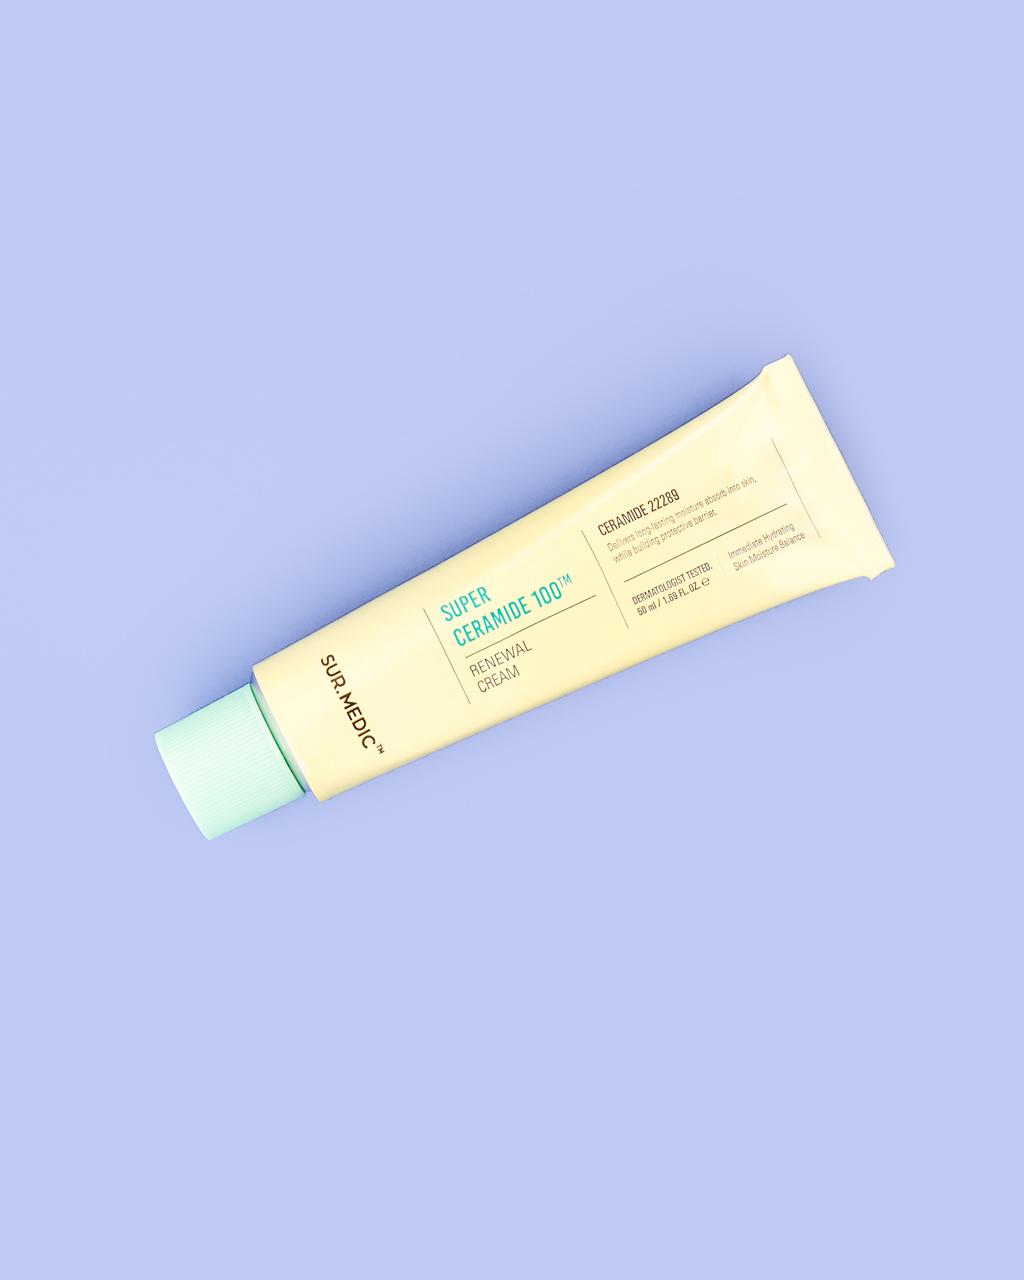 Sur.Medic+ Super Ceramide 100™ Renewal Cream